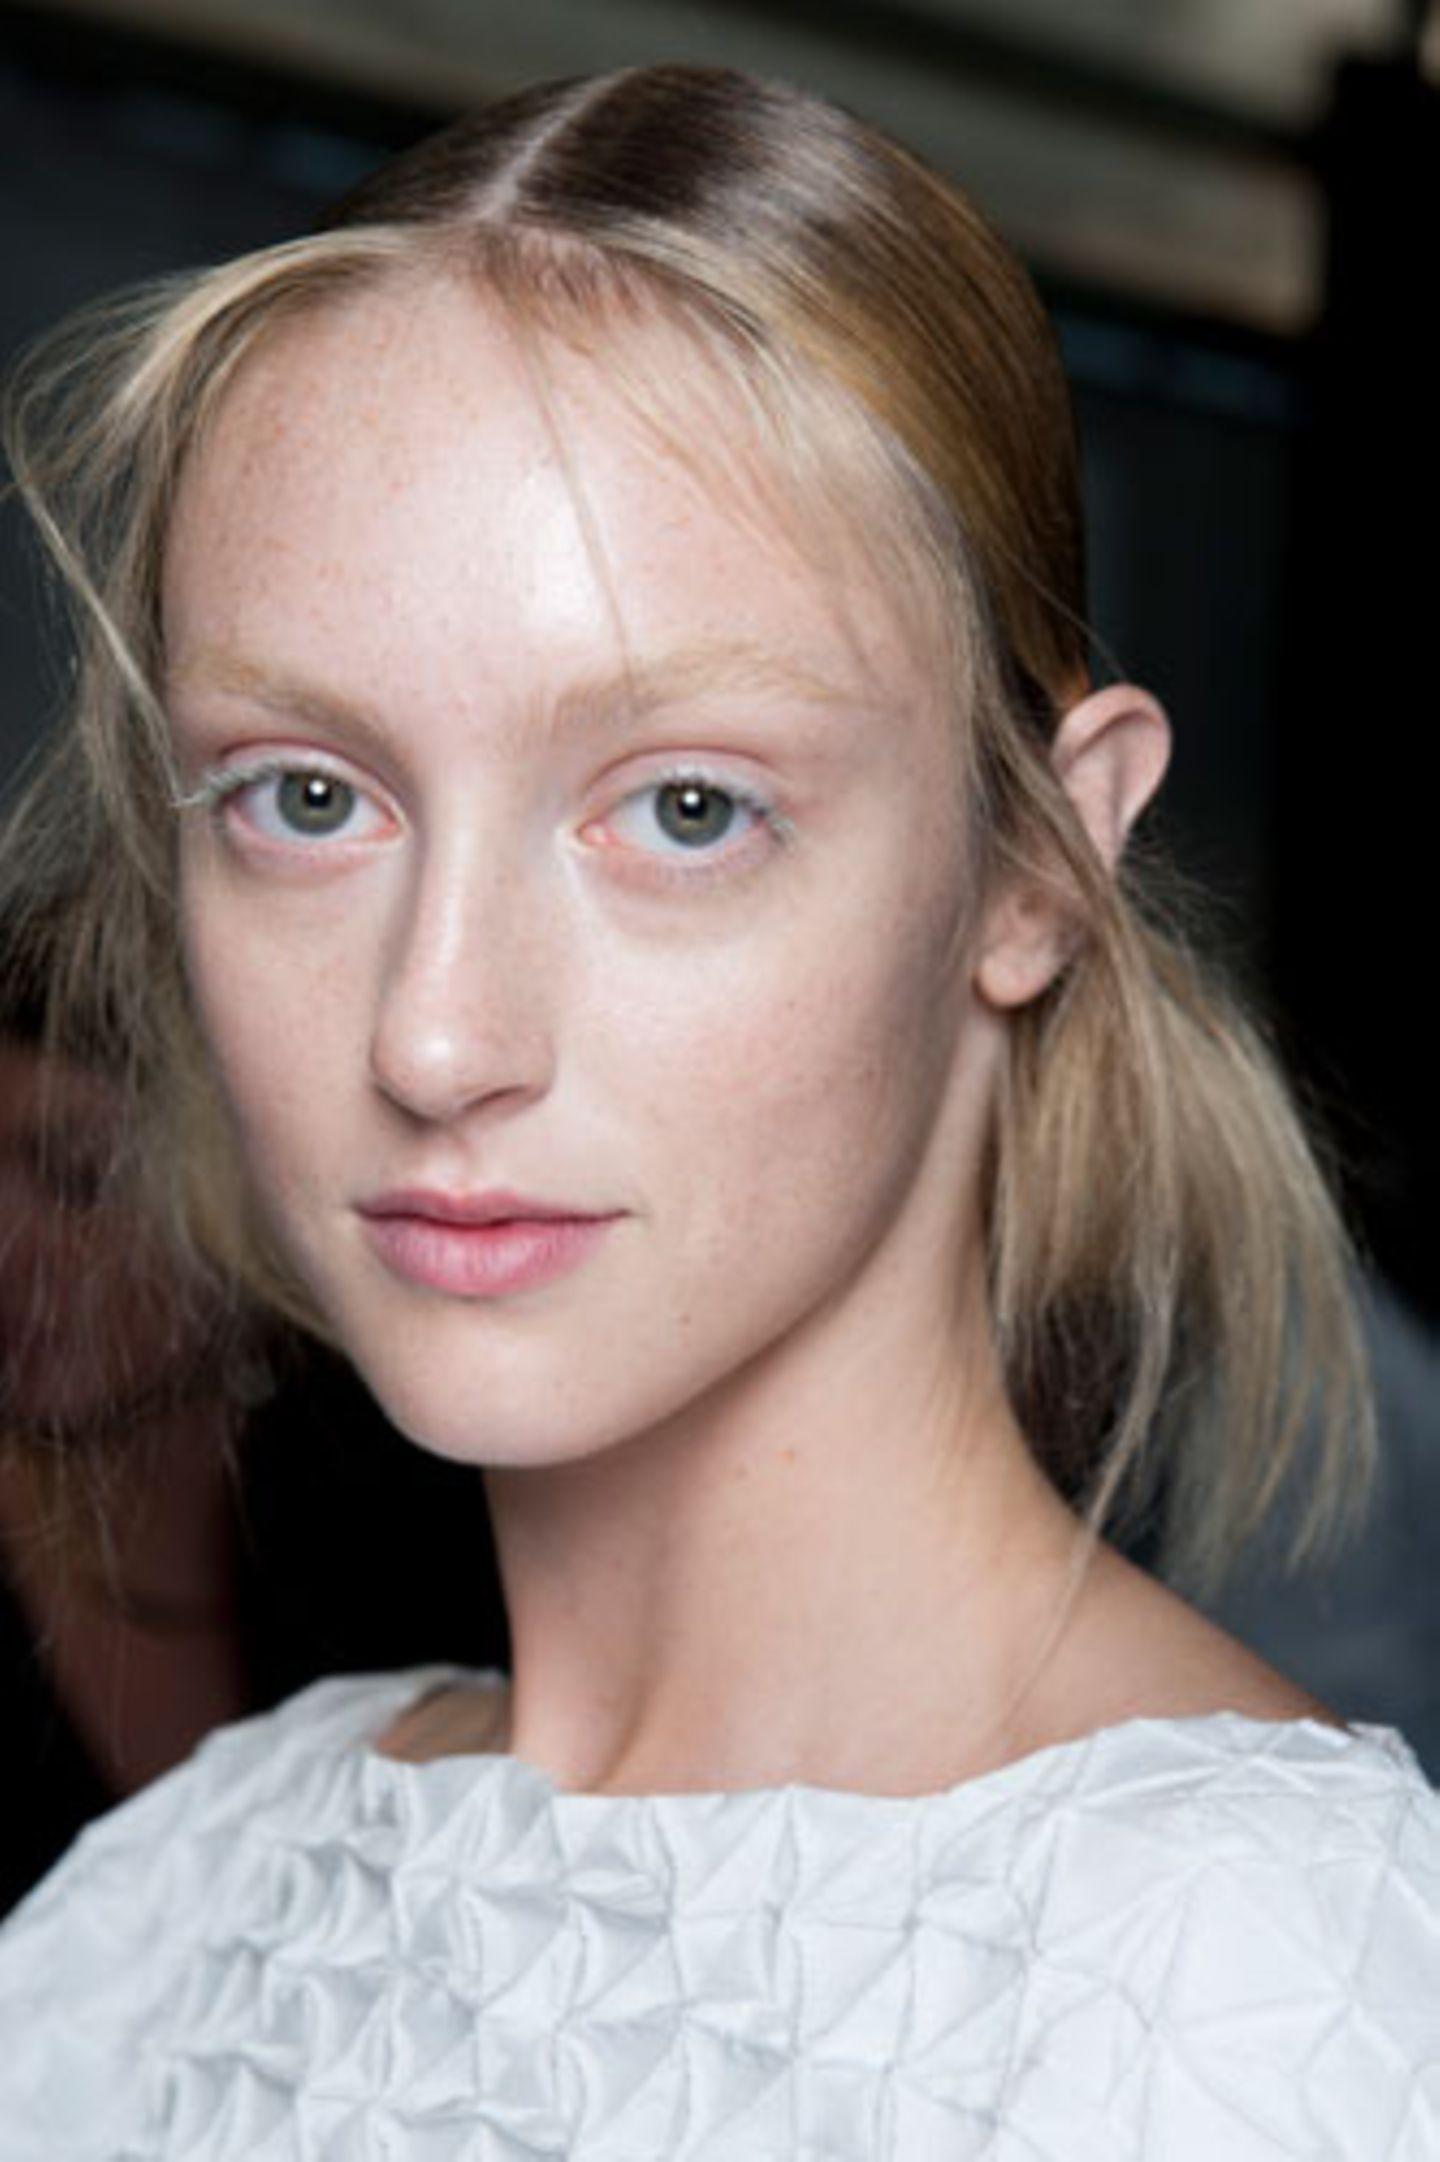 Wie wirkt Make-up: Farbige Wimpern